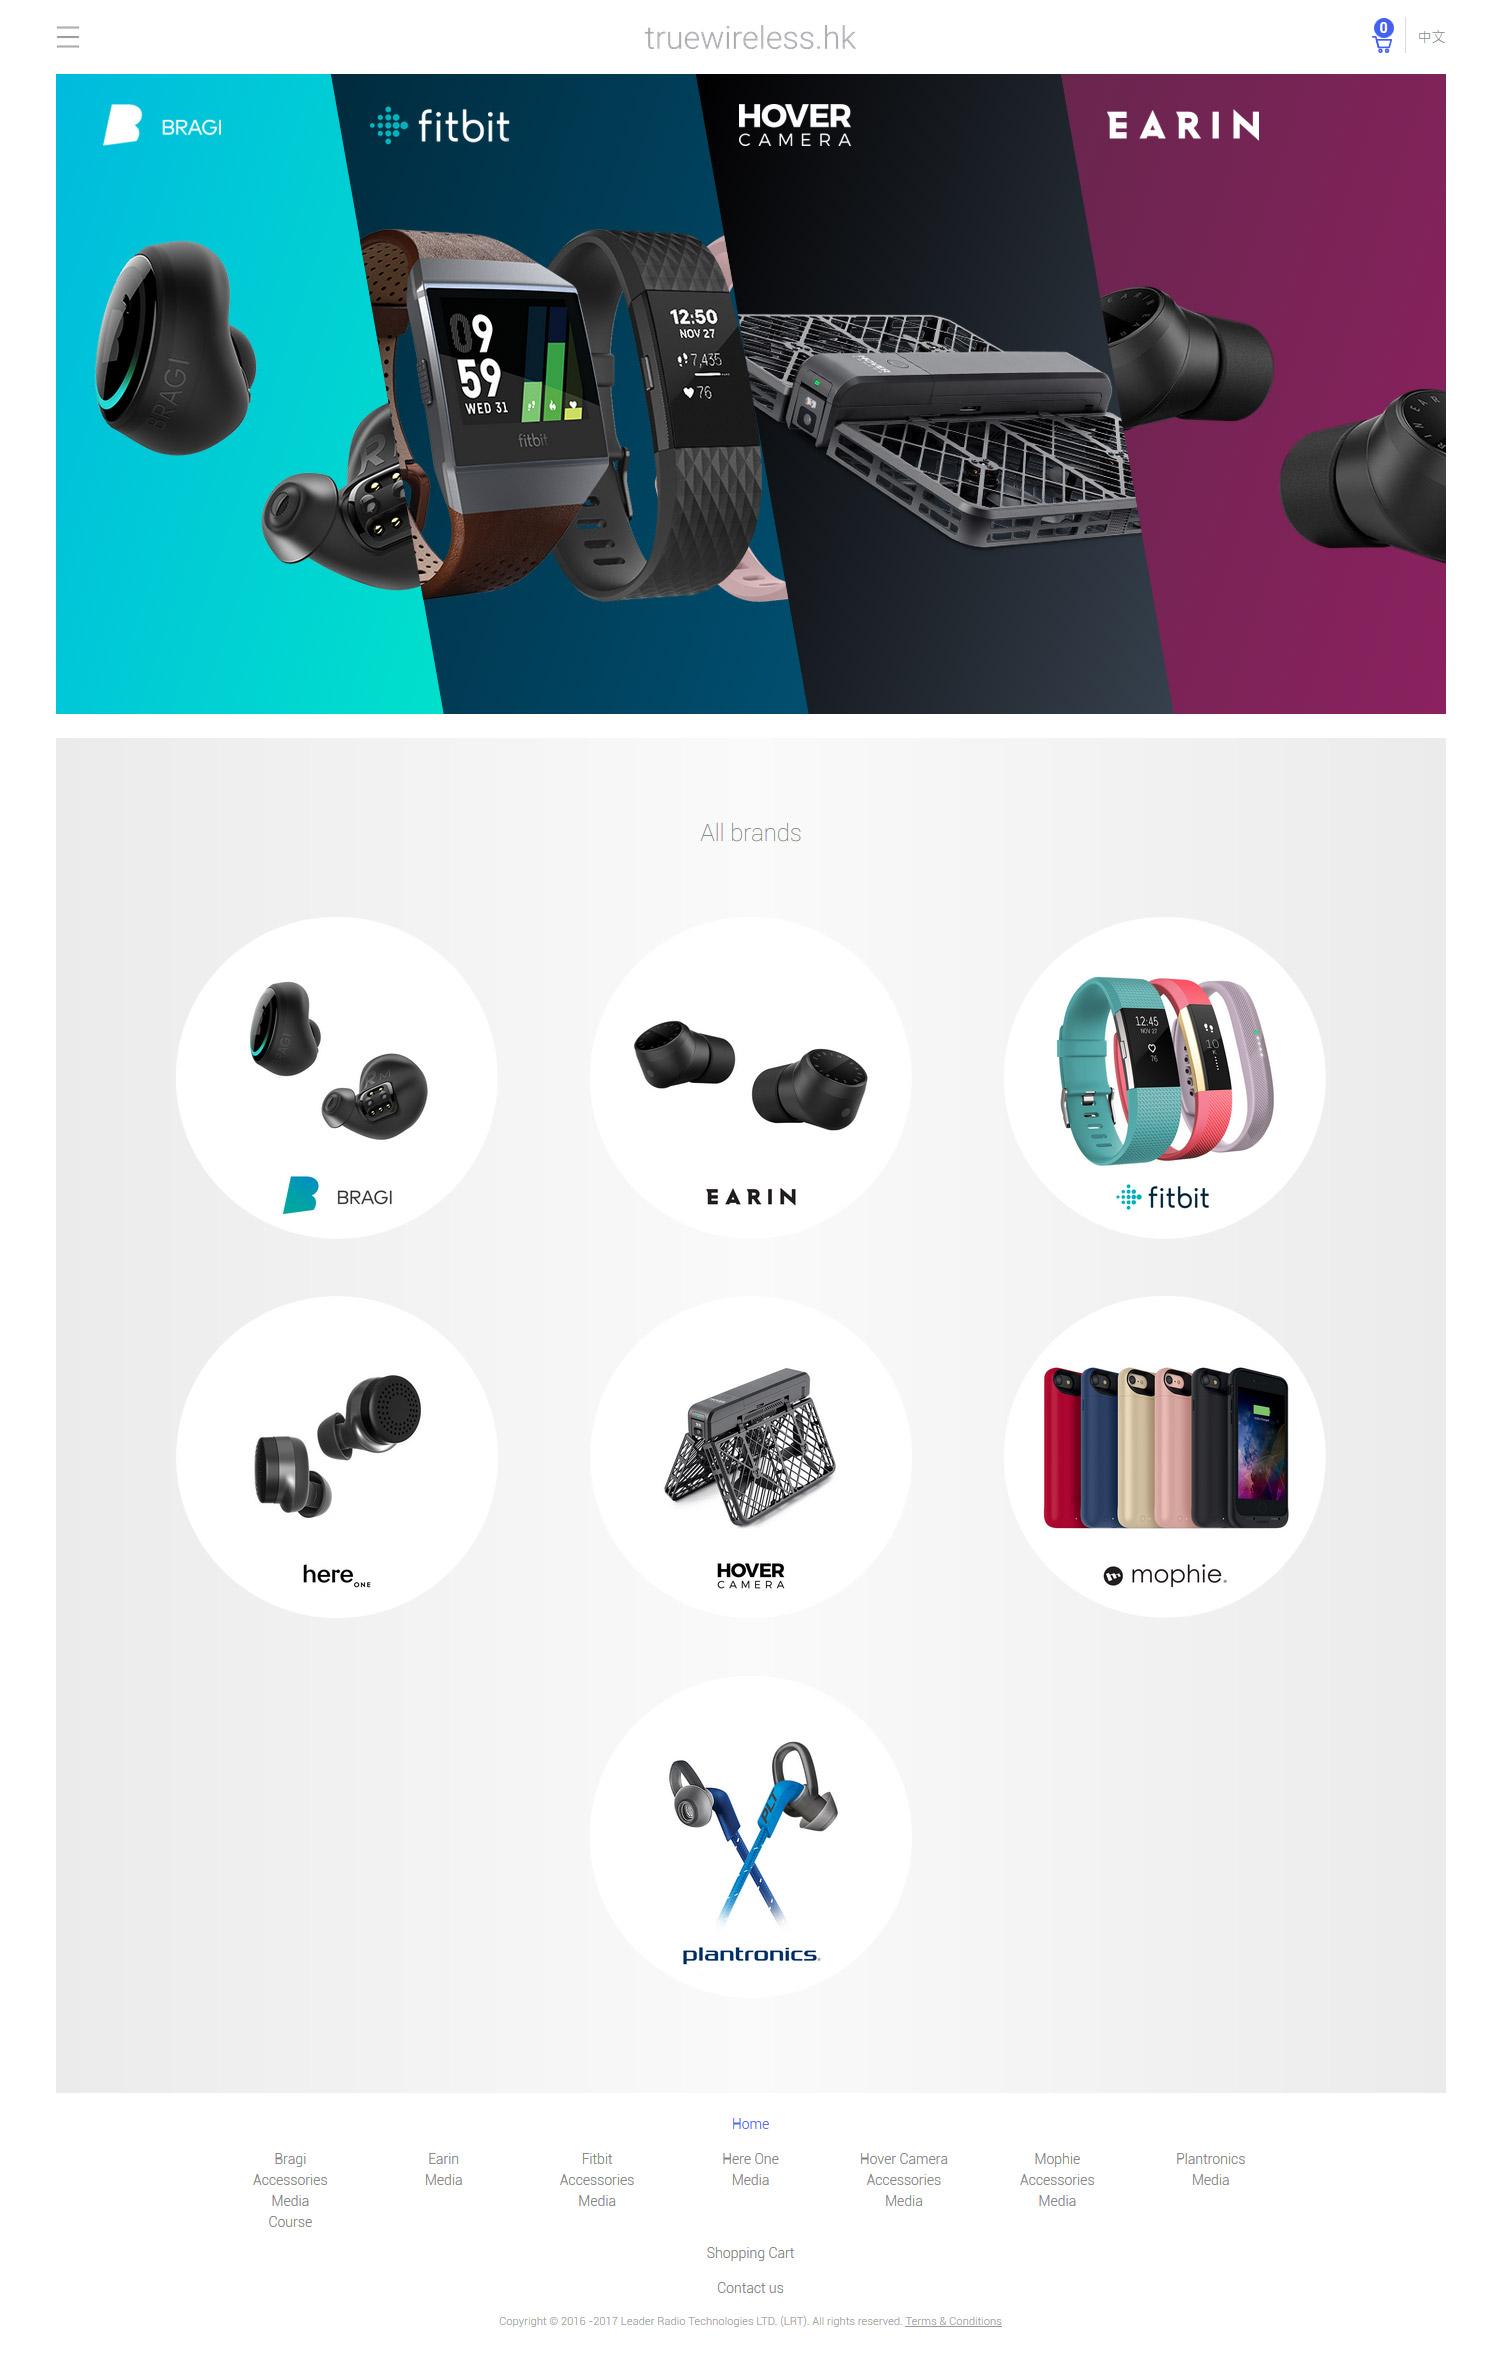 truewireless.hk Website Development & Portal